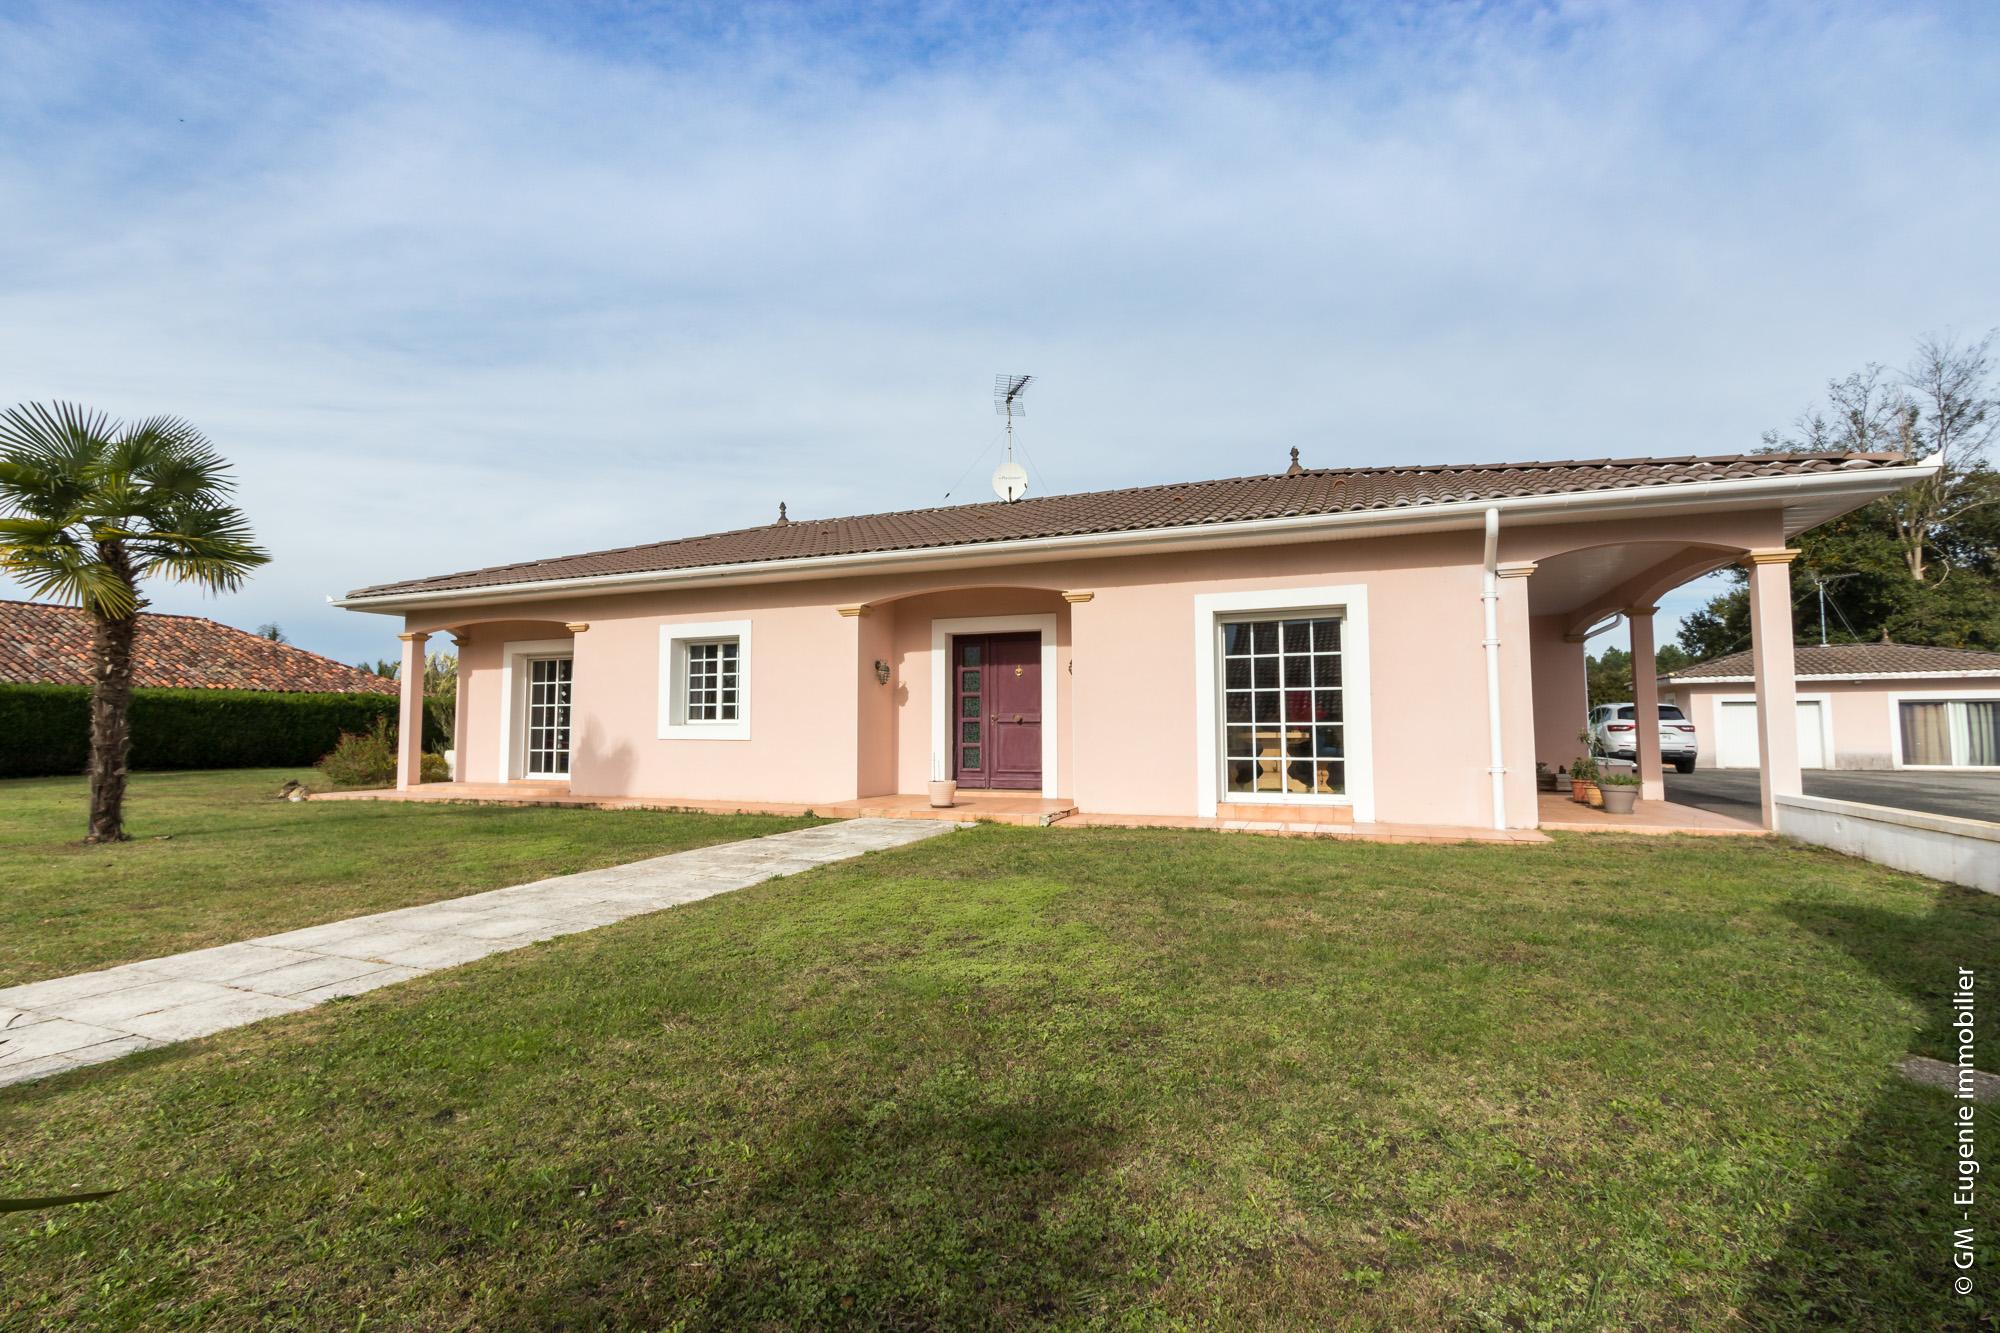 Maison Contemporaine 175m² T6 au calme Parc 2550m²